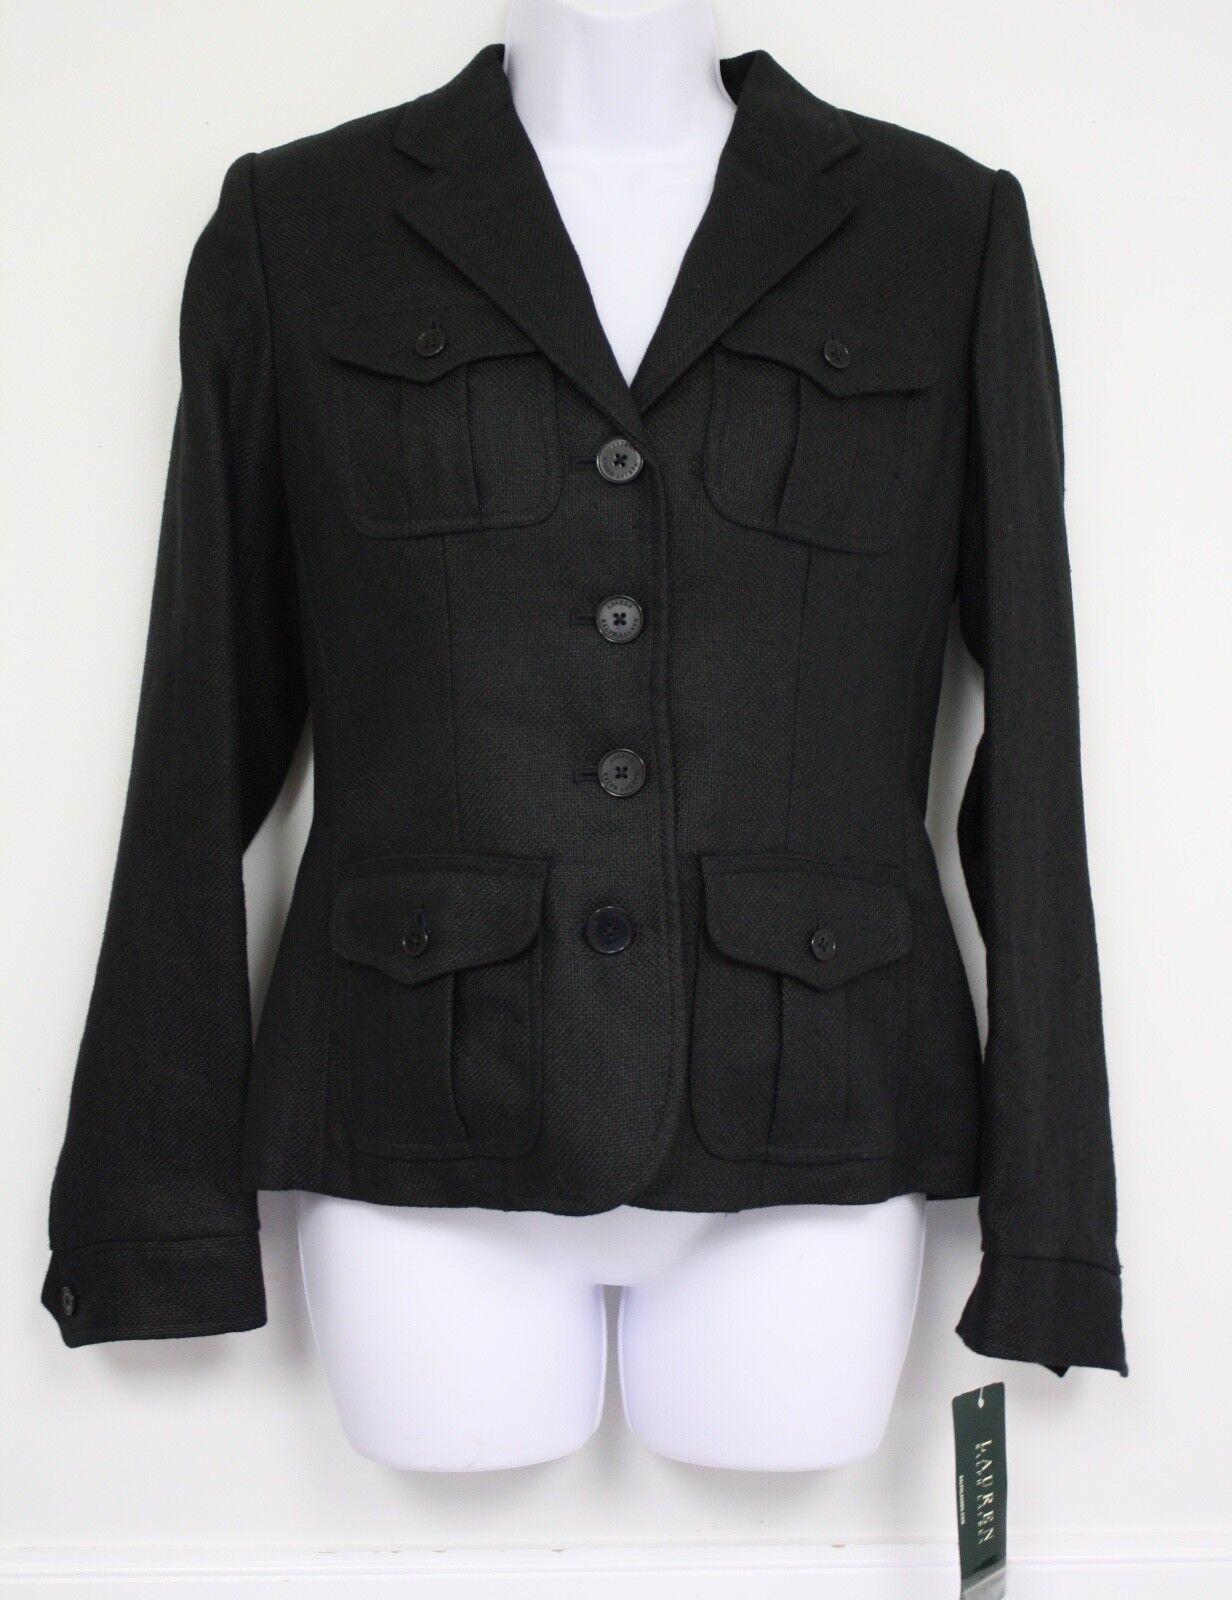 Ralph Lauren para Mujer  Traje Chaqueta Abrigo Negro ret 270 tamaño 4 Bolsillos Tejido Grueso  40% de descuento